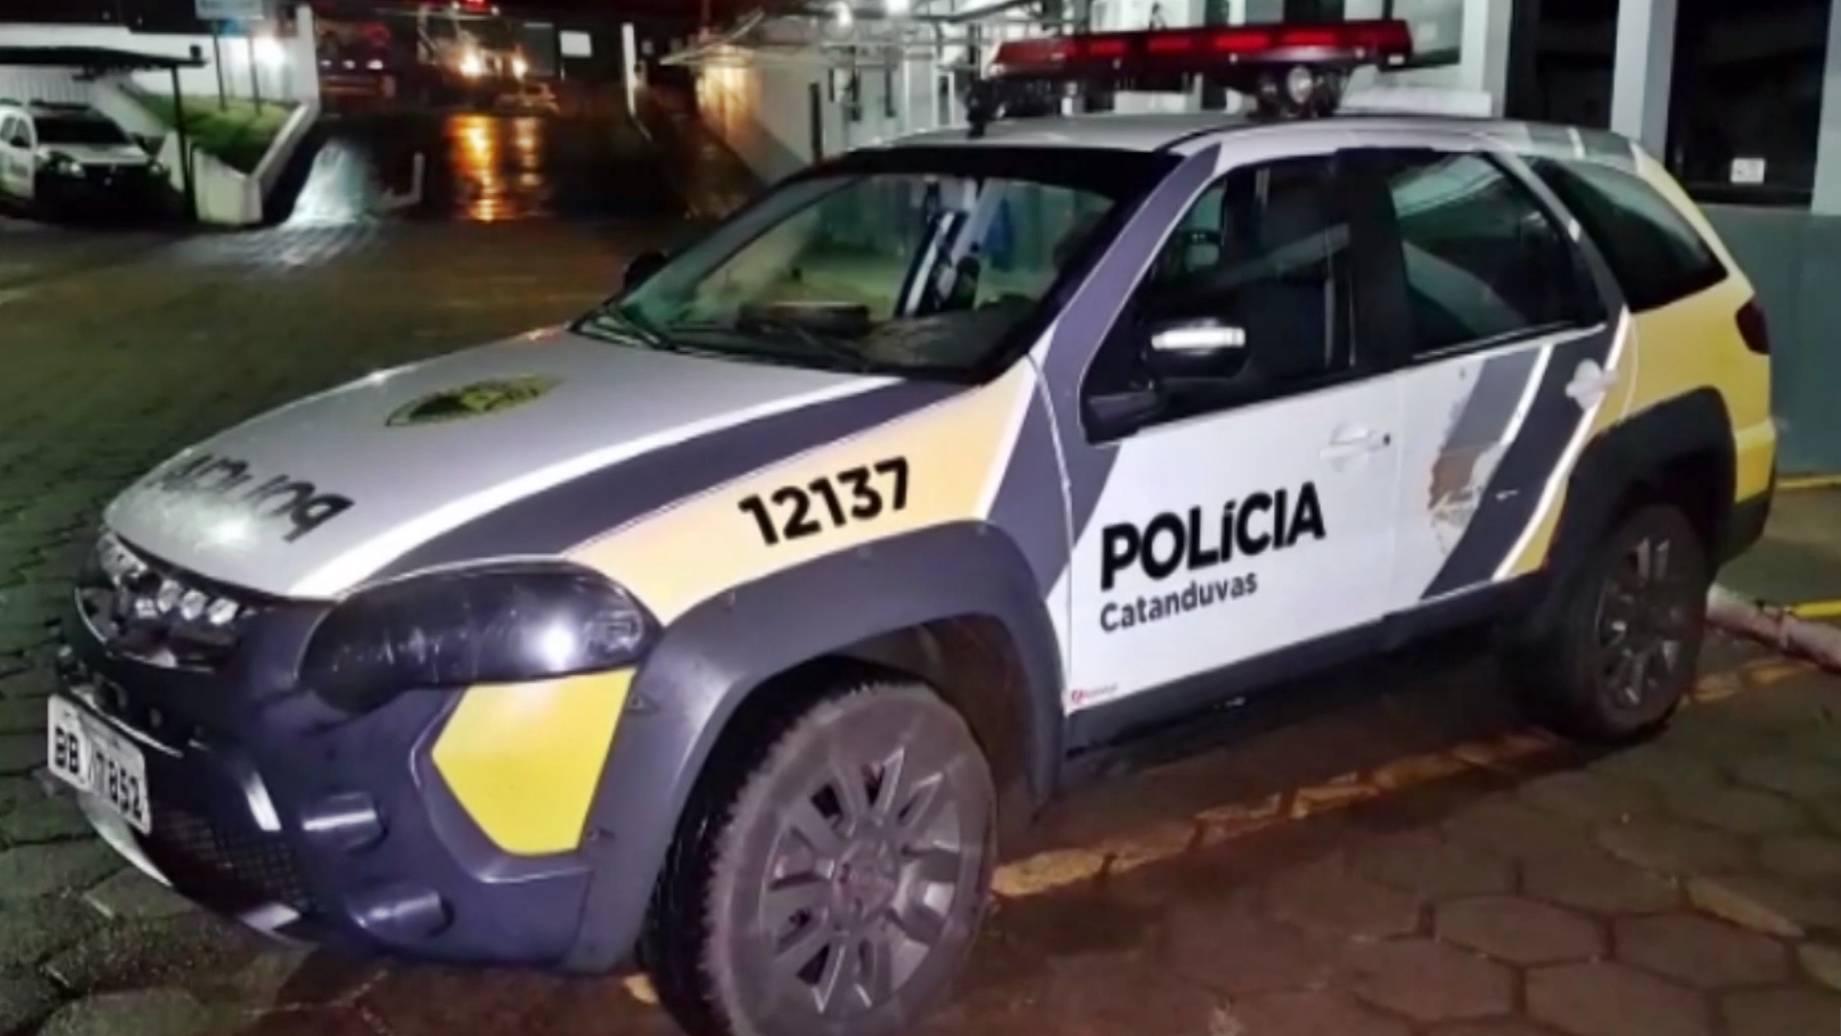 Polícias Civil e Militar de Catanduvas apreende suspeito de matar jovem no Bairro Cascavel Velho